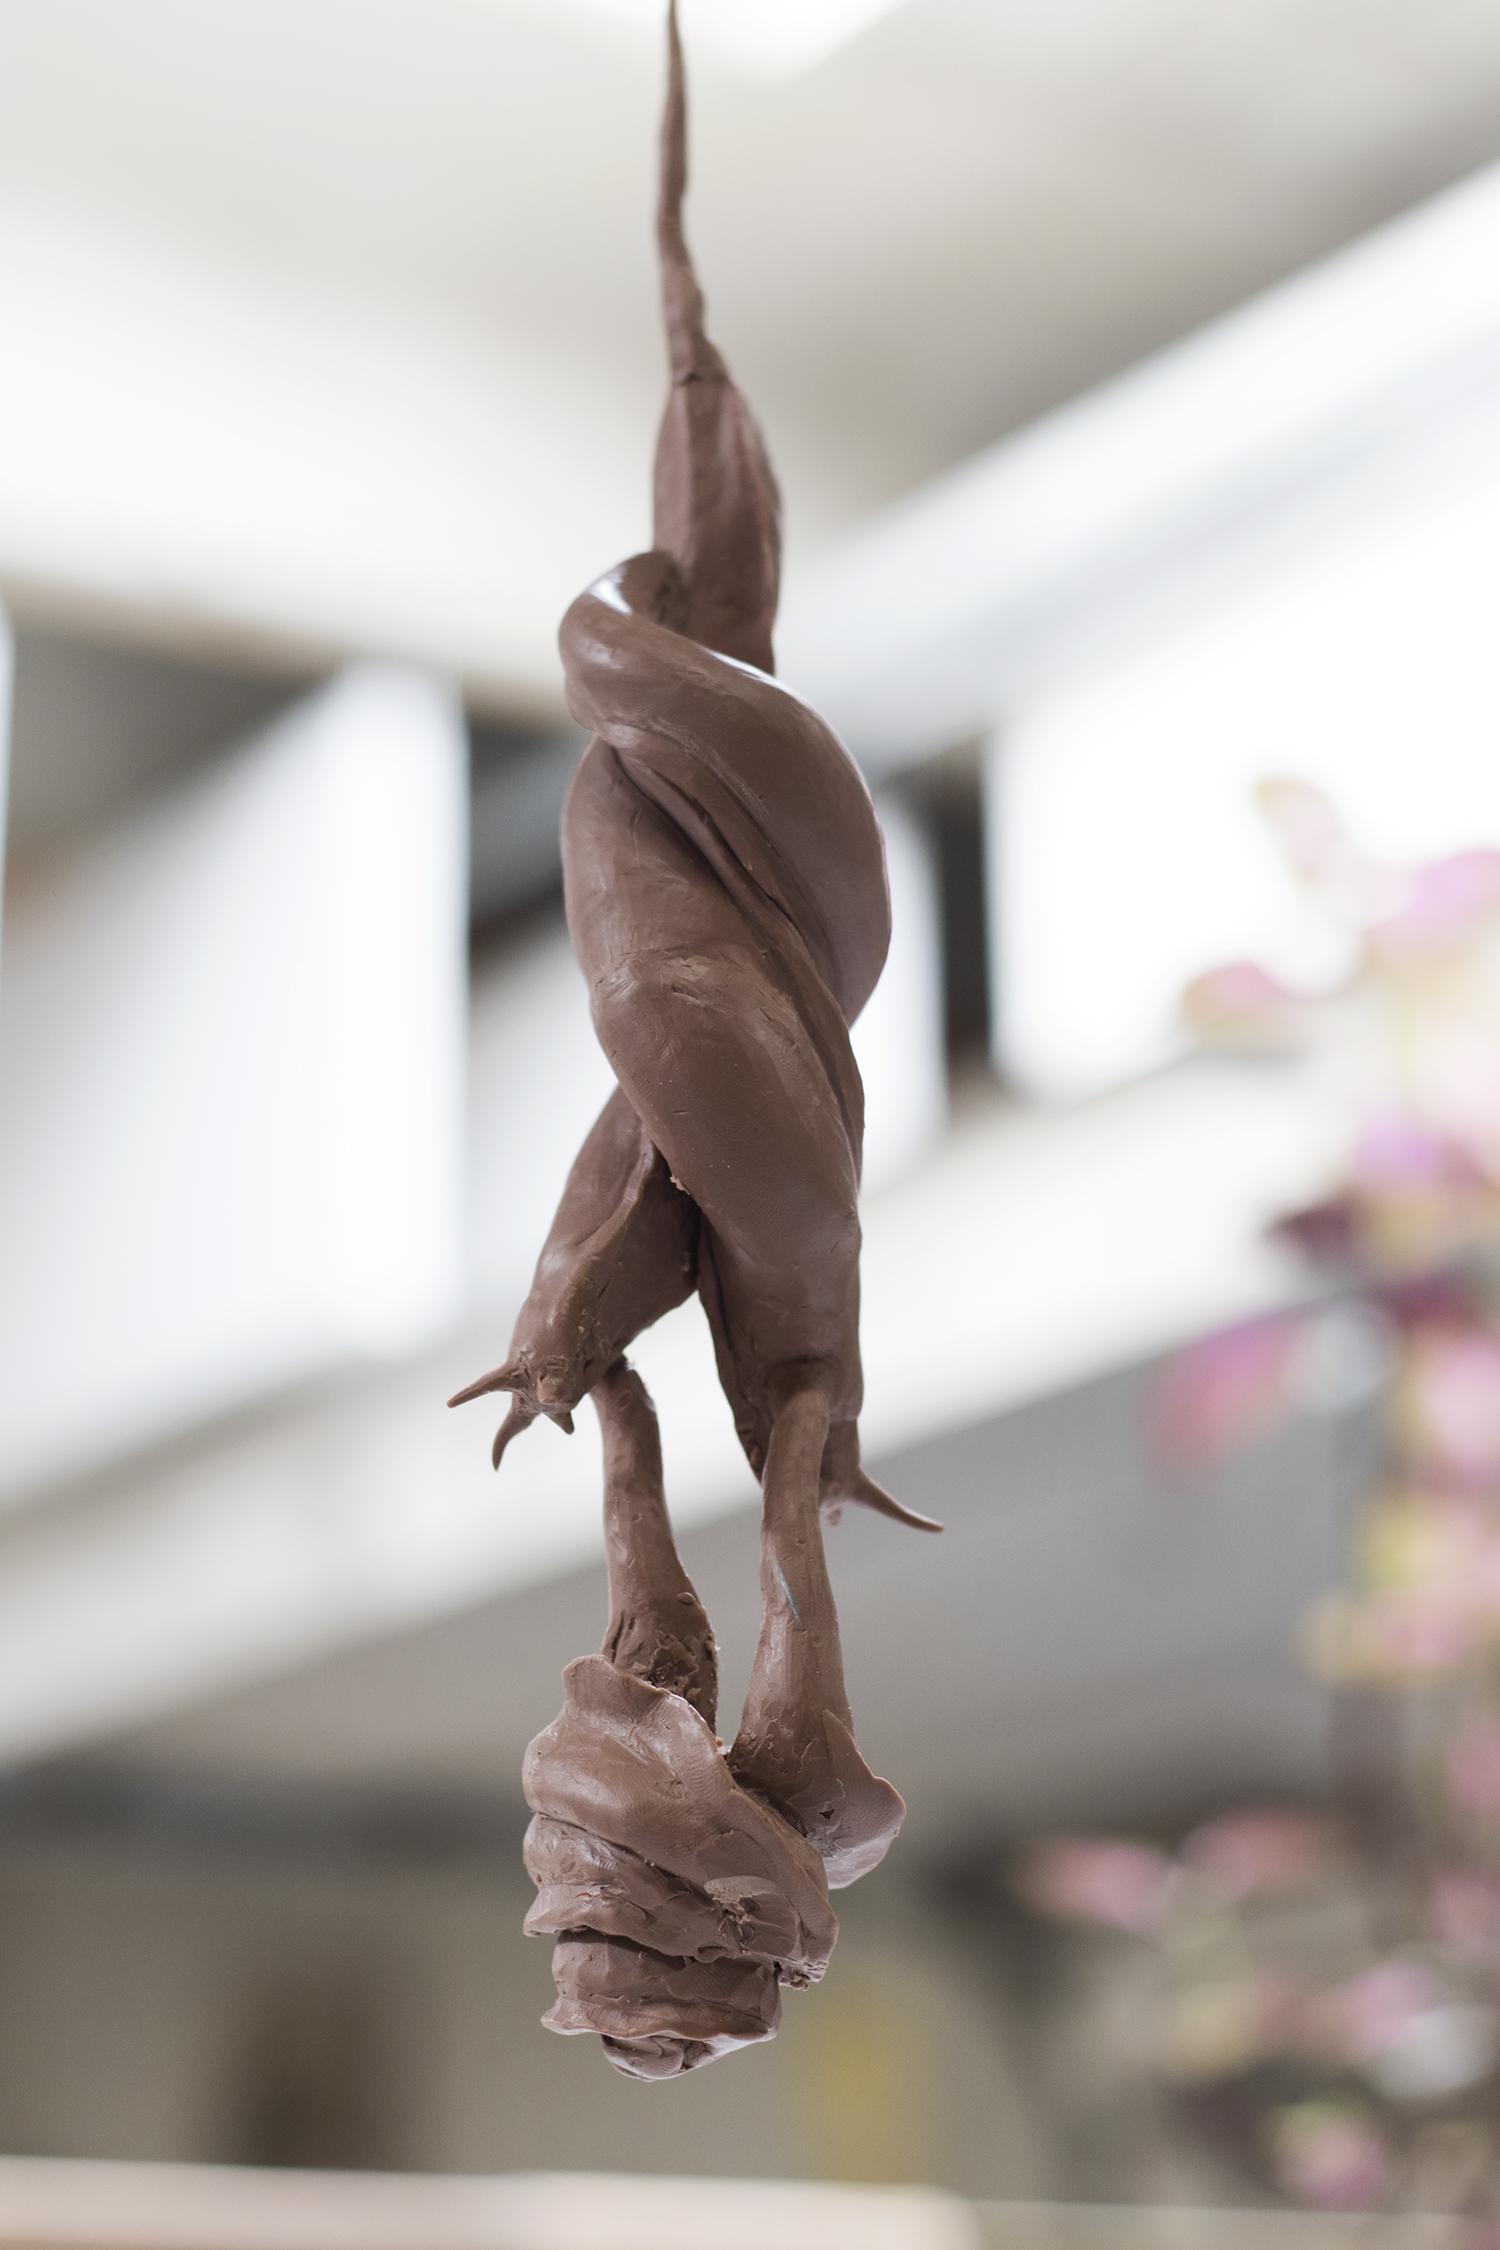 Detalje fra Viktor-Emil Dupont Billunds atelier. Foto © I DO ART Agency.